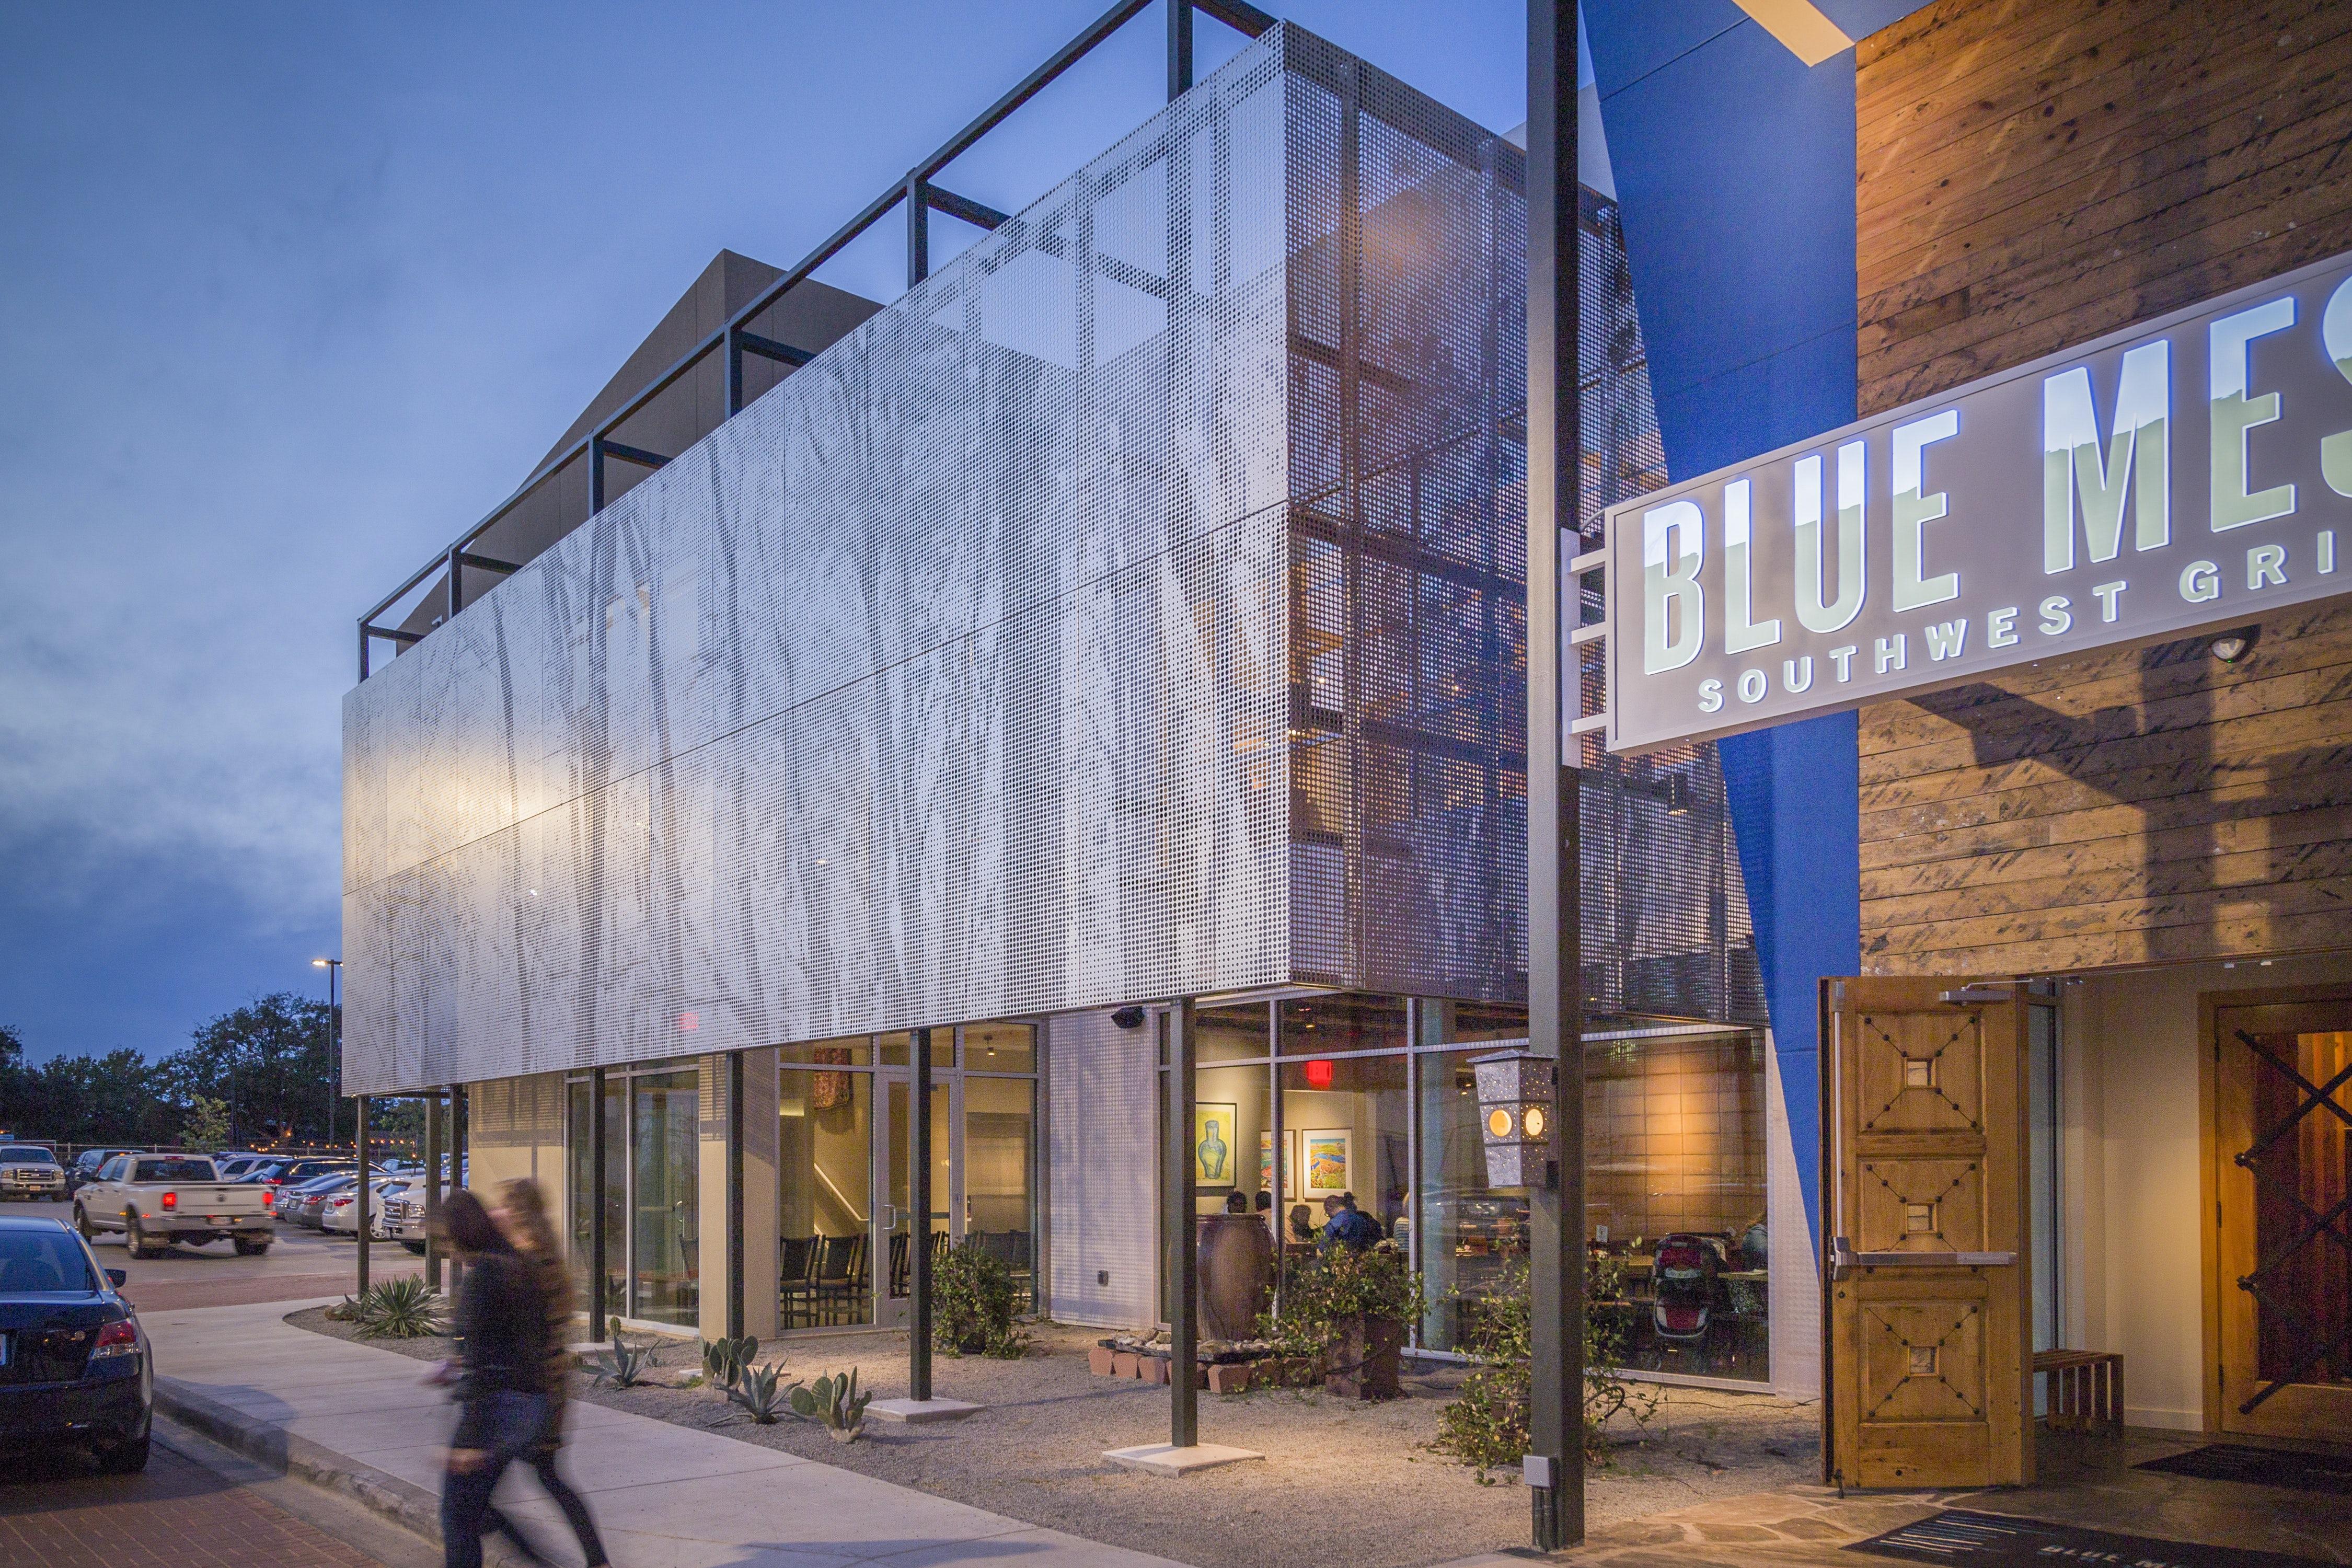 Blue mesa photo c zahner 7560 print